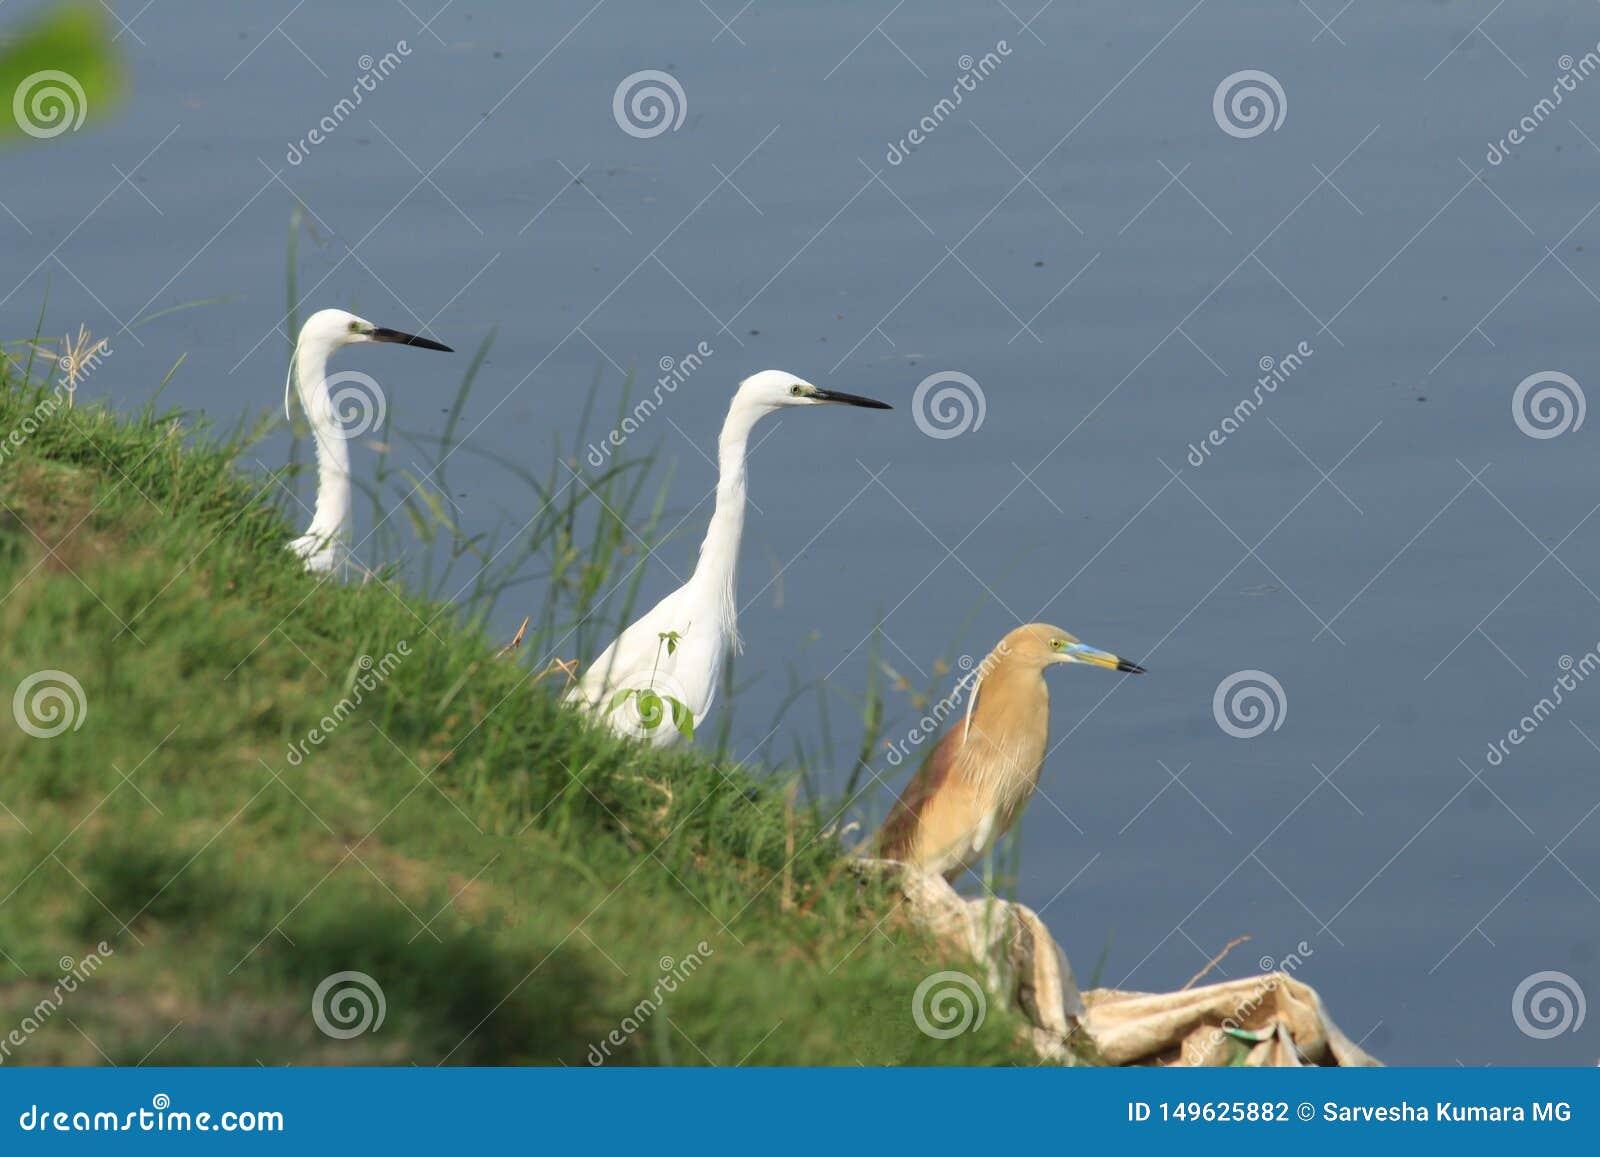 鸟集中营在海湾的